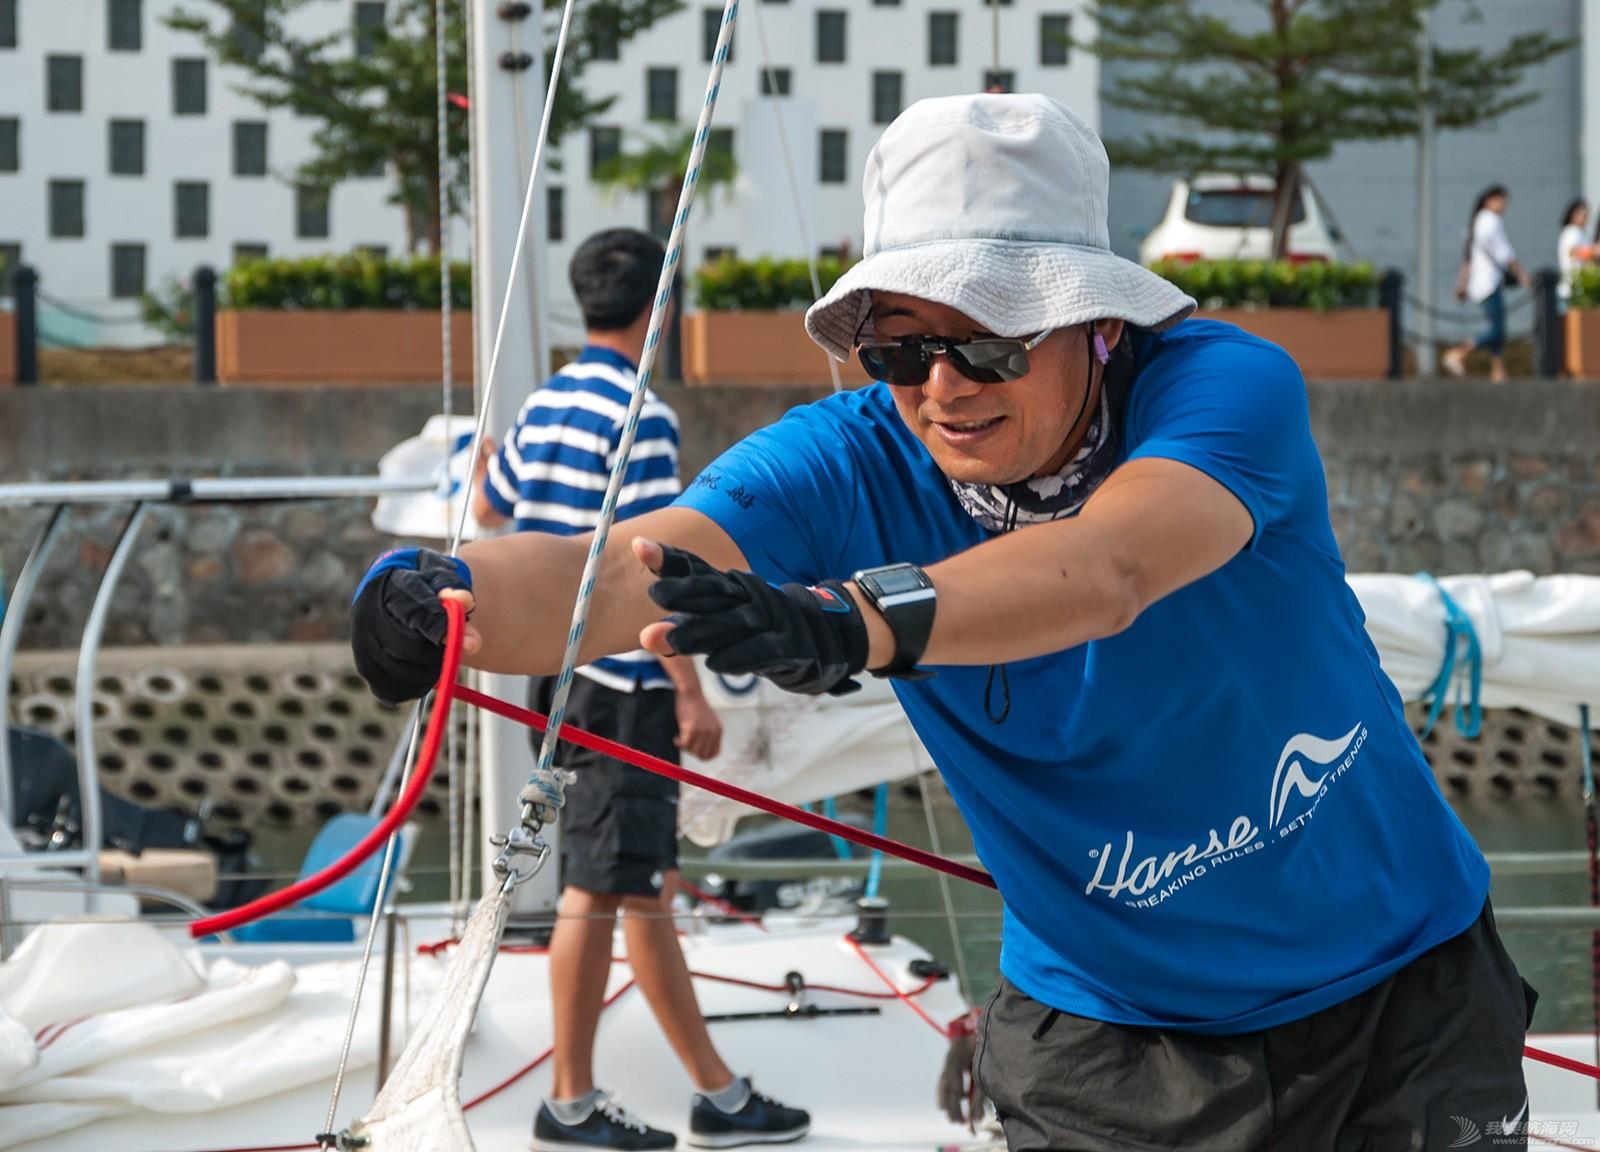 【2015大鹏杯帆船赛】51航海网船队整装待发 c8.jpg